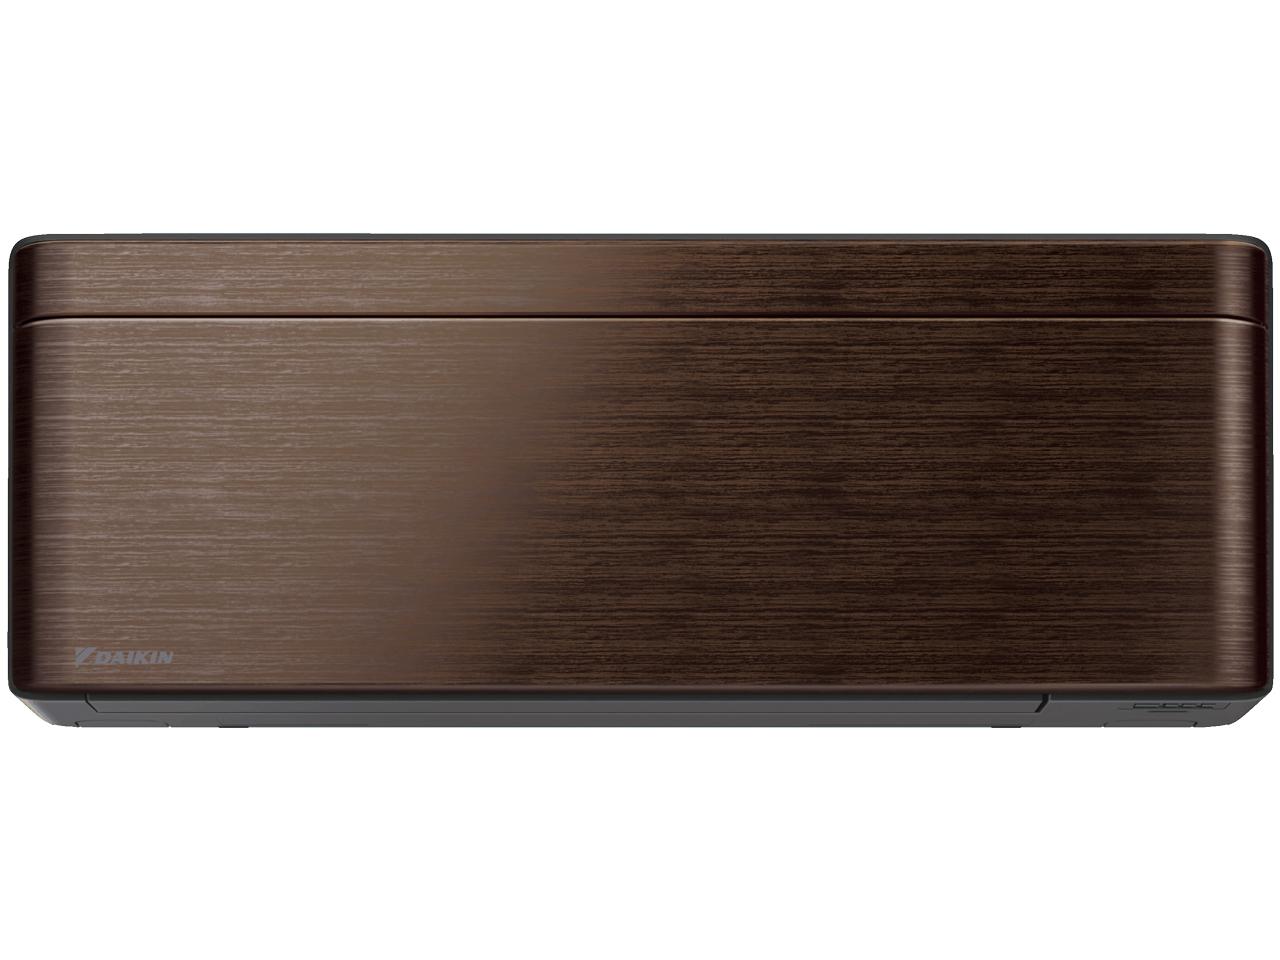 ダイキン S71WTSXP-M 19年モデル SXシリーズ 【200V用】23畳用冷暖房除湿エアコン